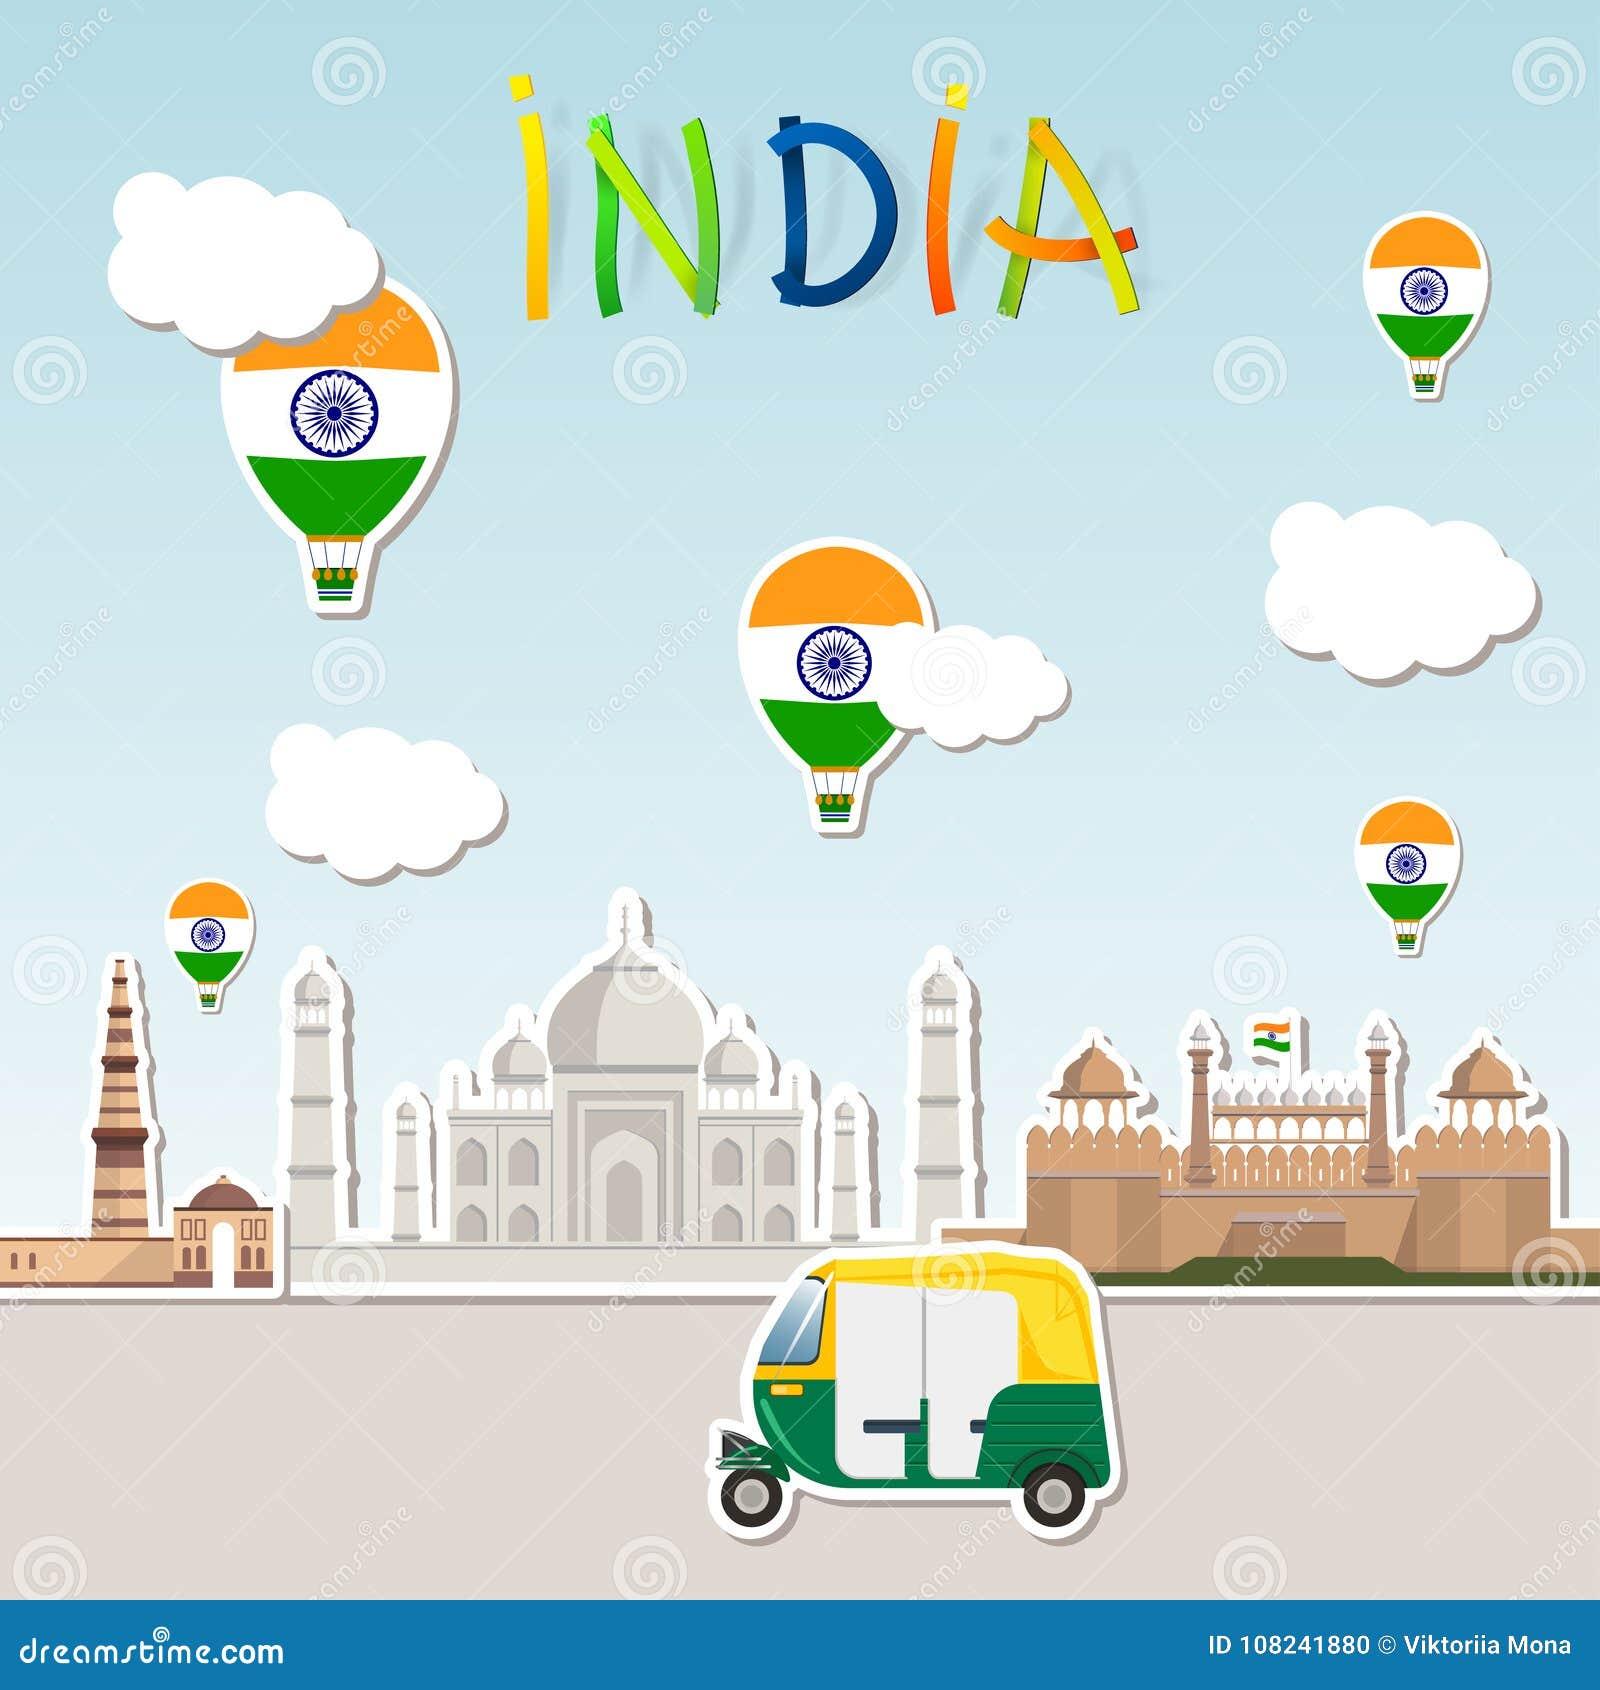 Reise Aufkleber Tuk Tuk Wolken Und Beschriften Indien